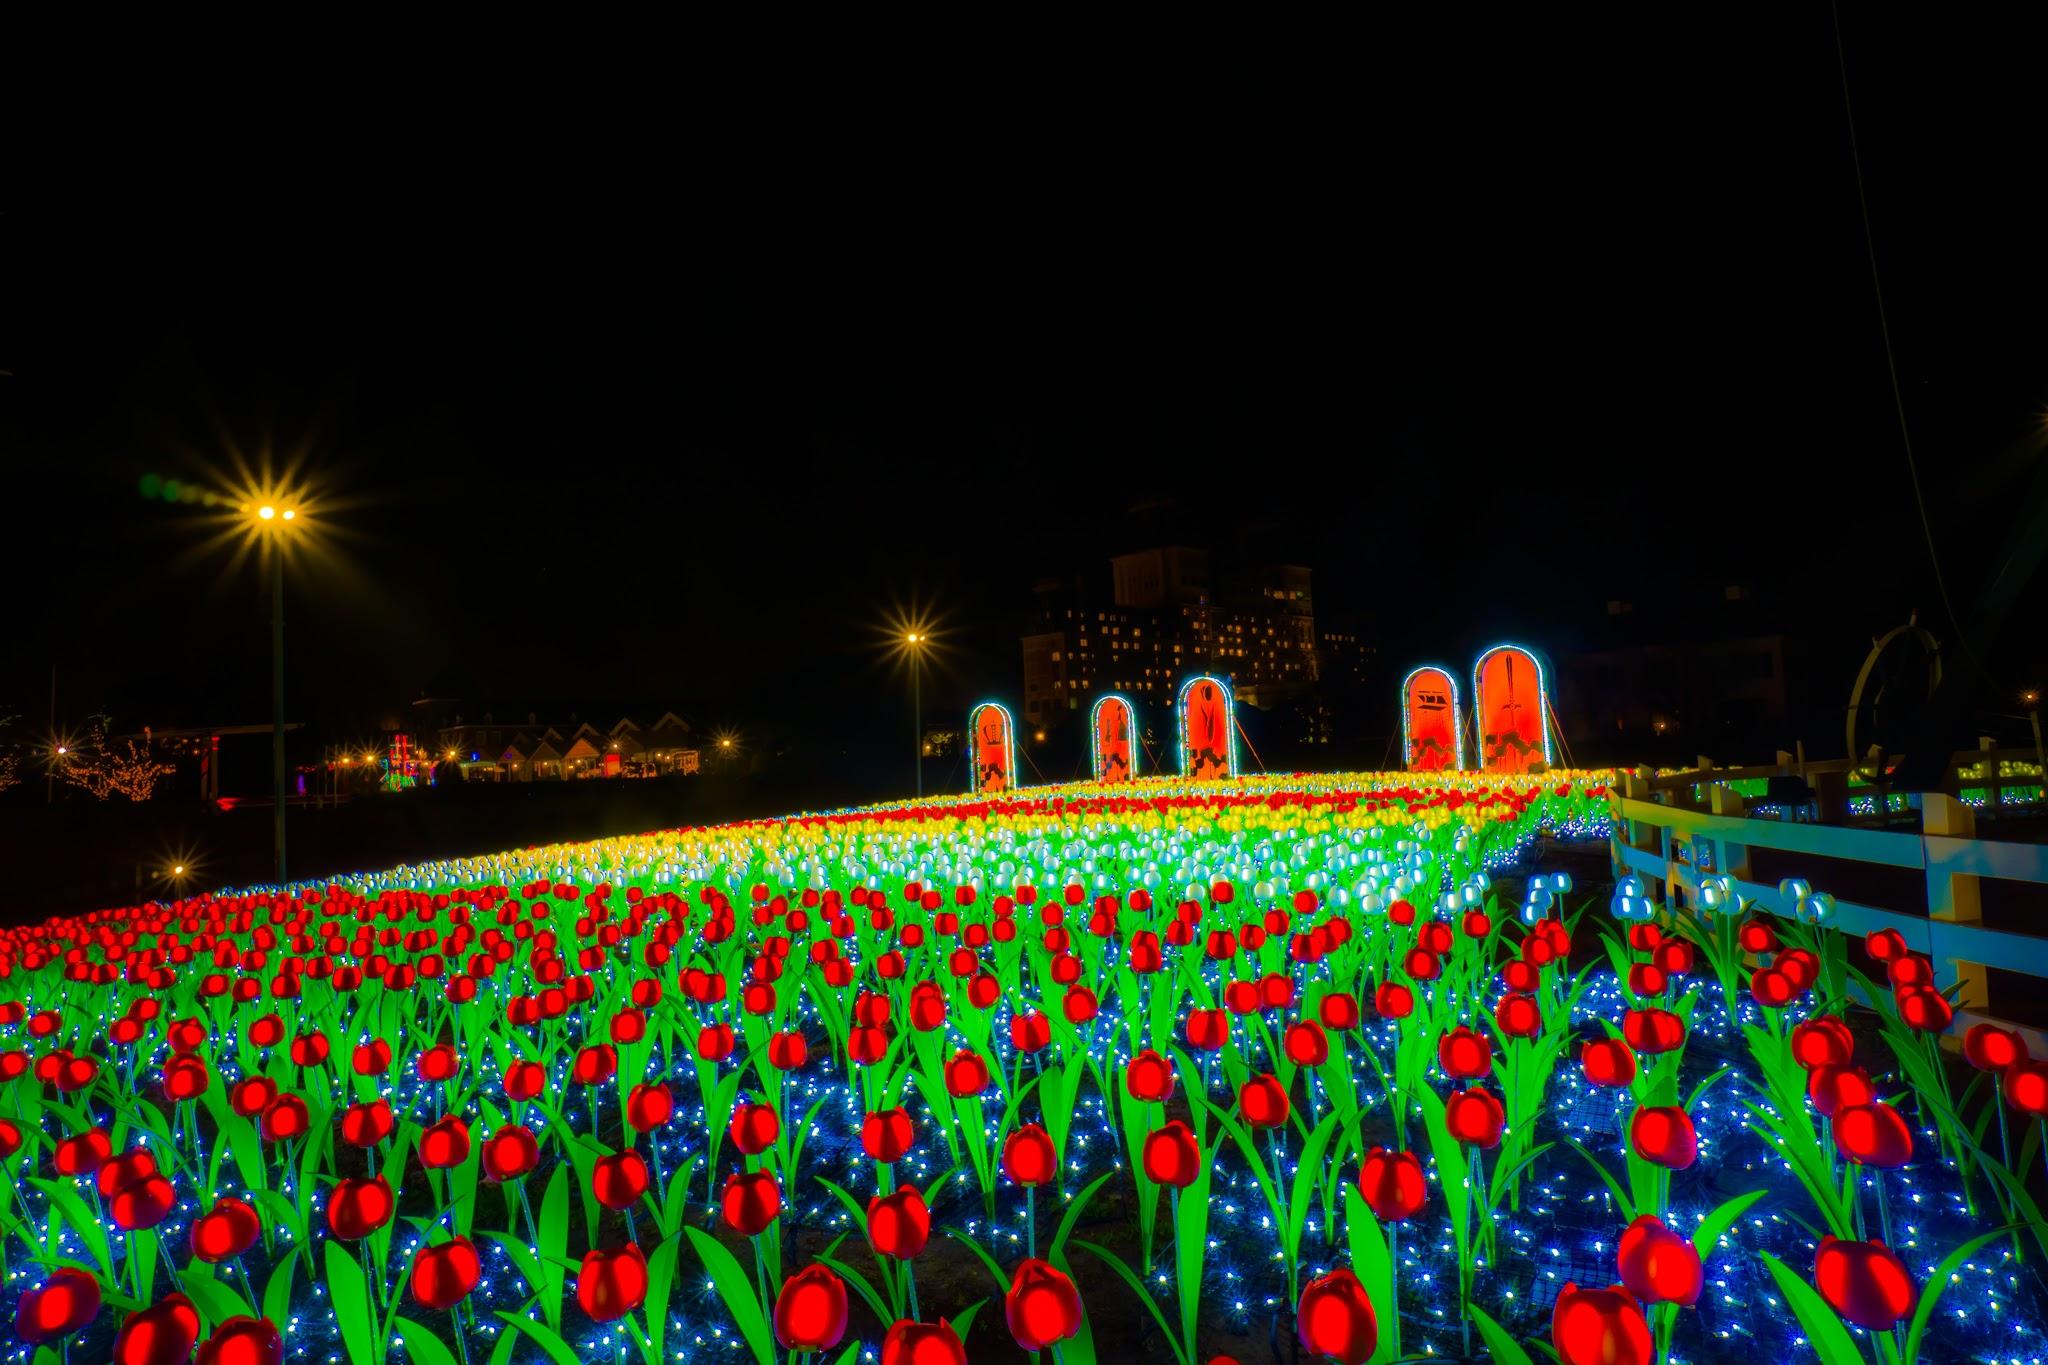 ハウステンボス イルミネーション 光の王国 光のチューリップガーデン2